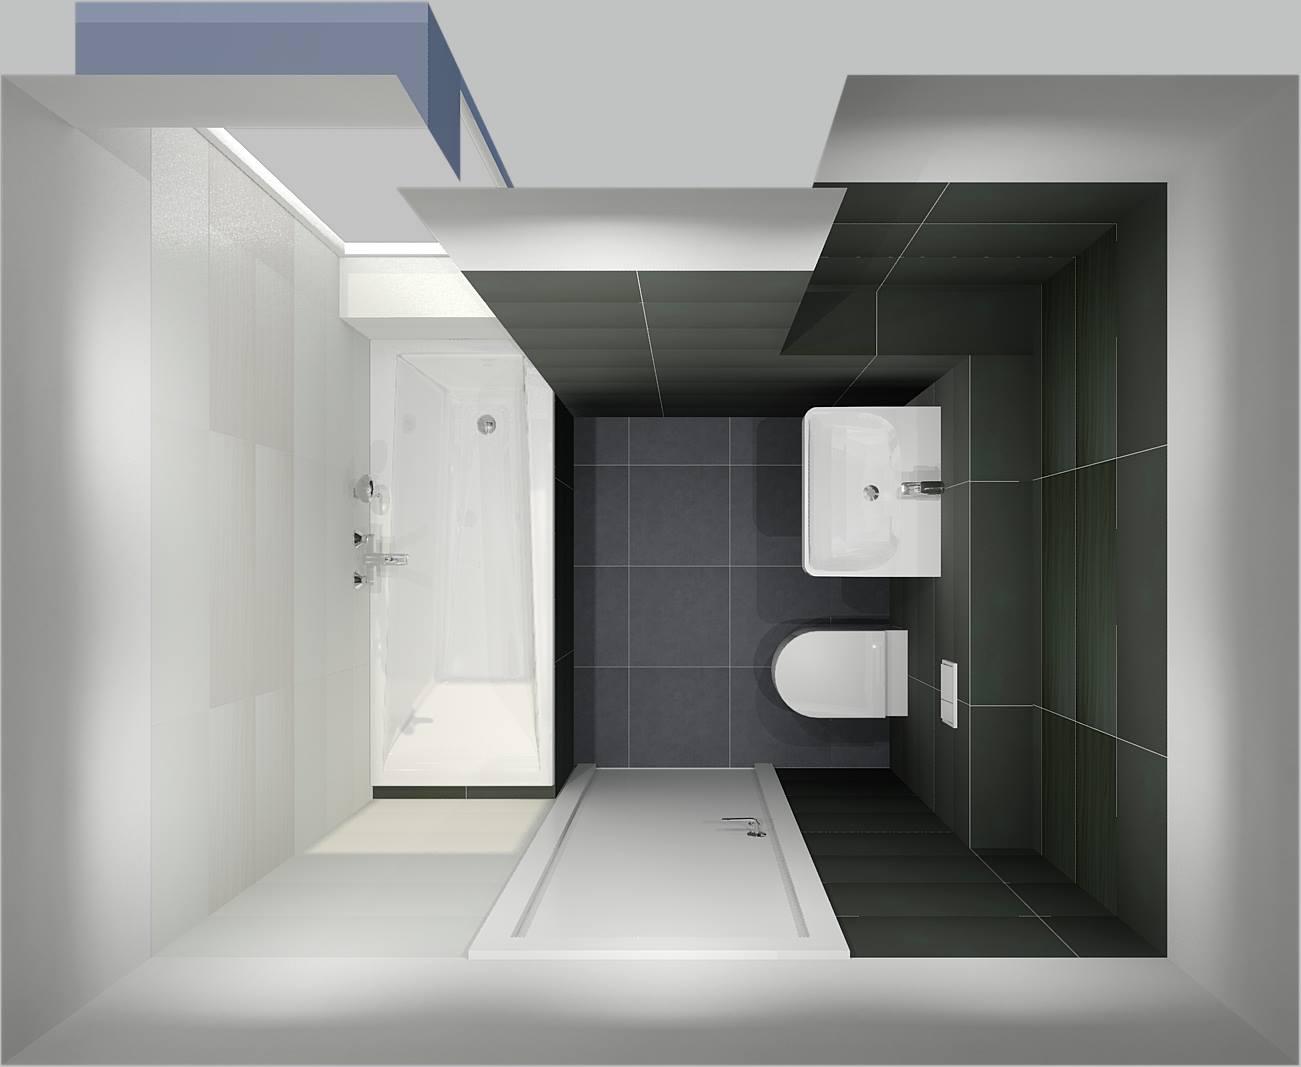 Návrhy koupelny a kuchyně - Obrázek č. 10